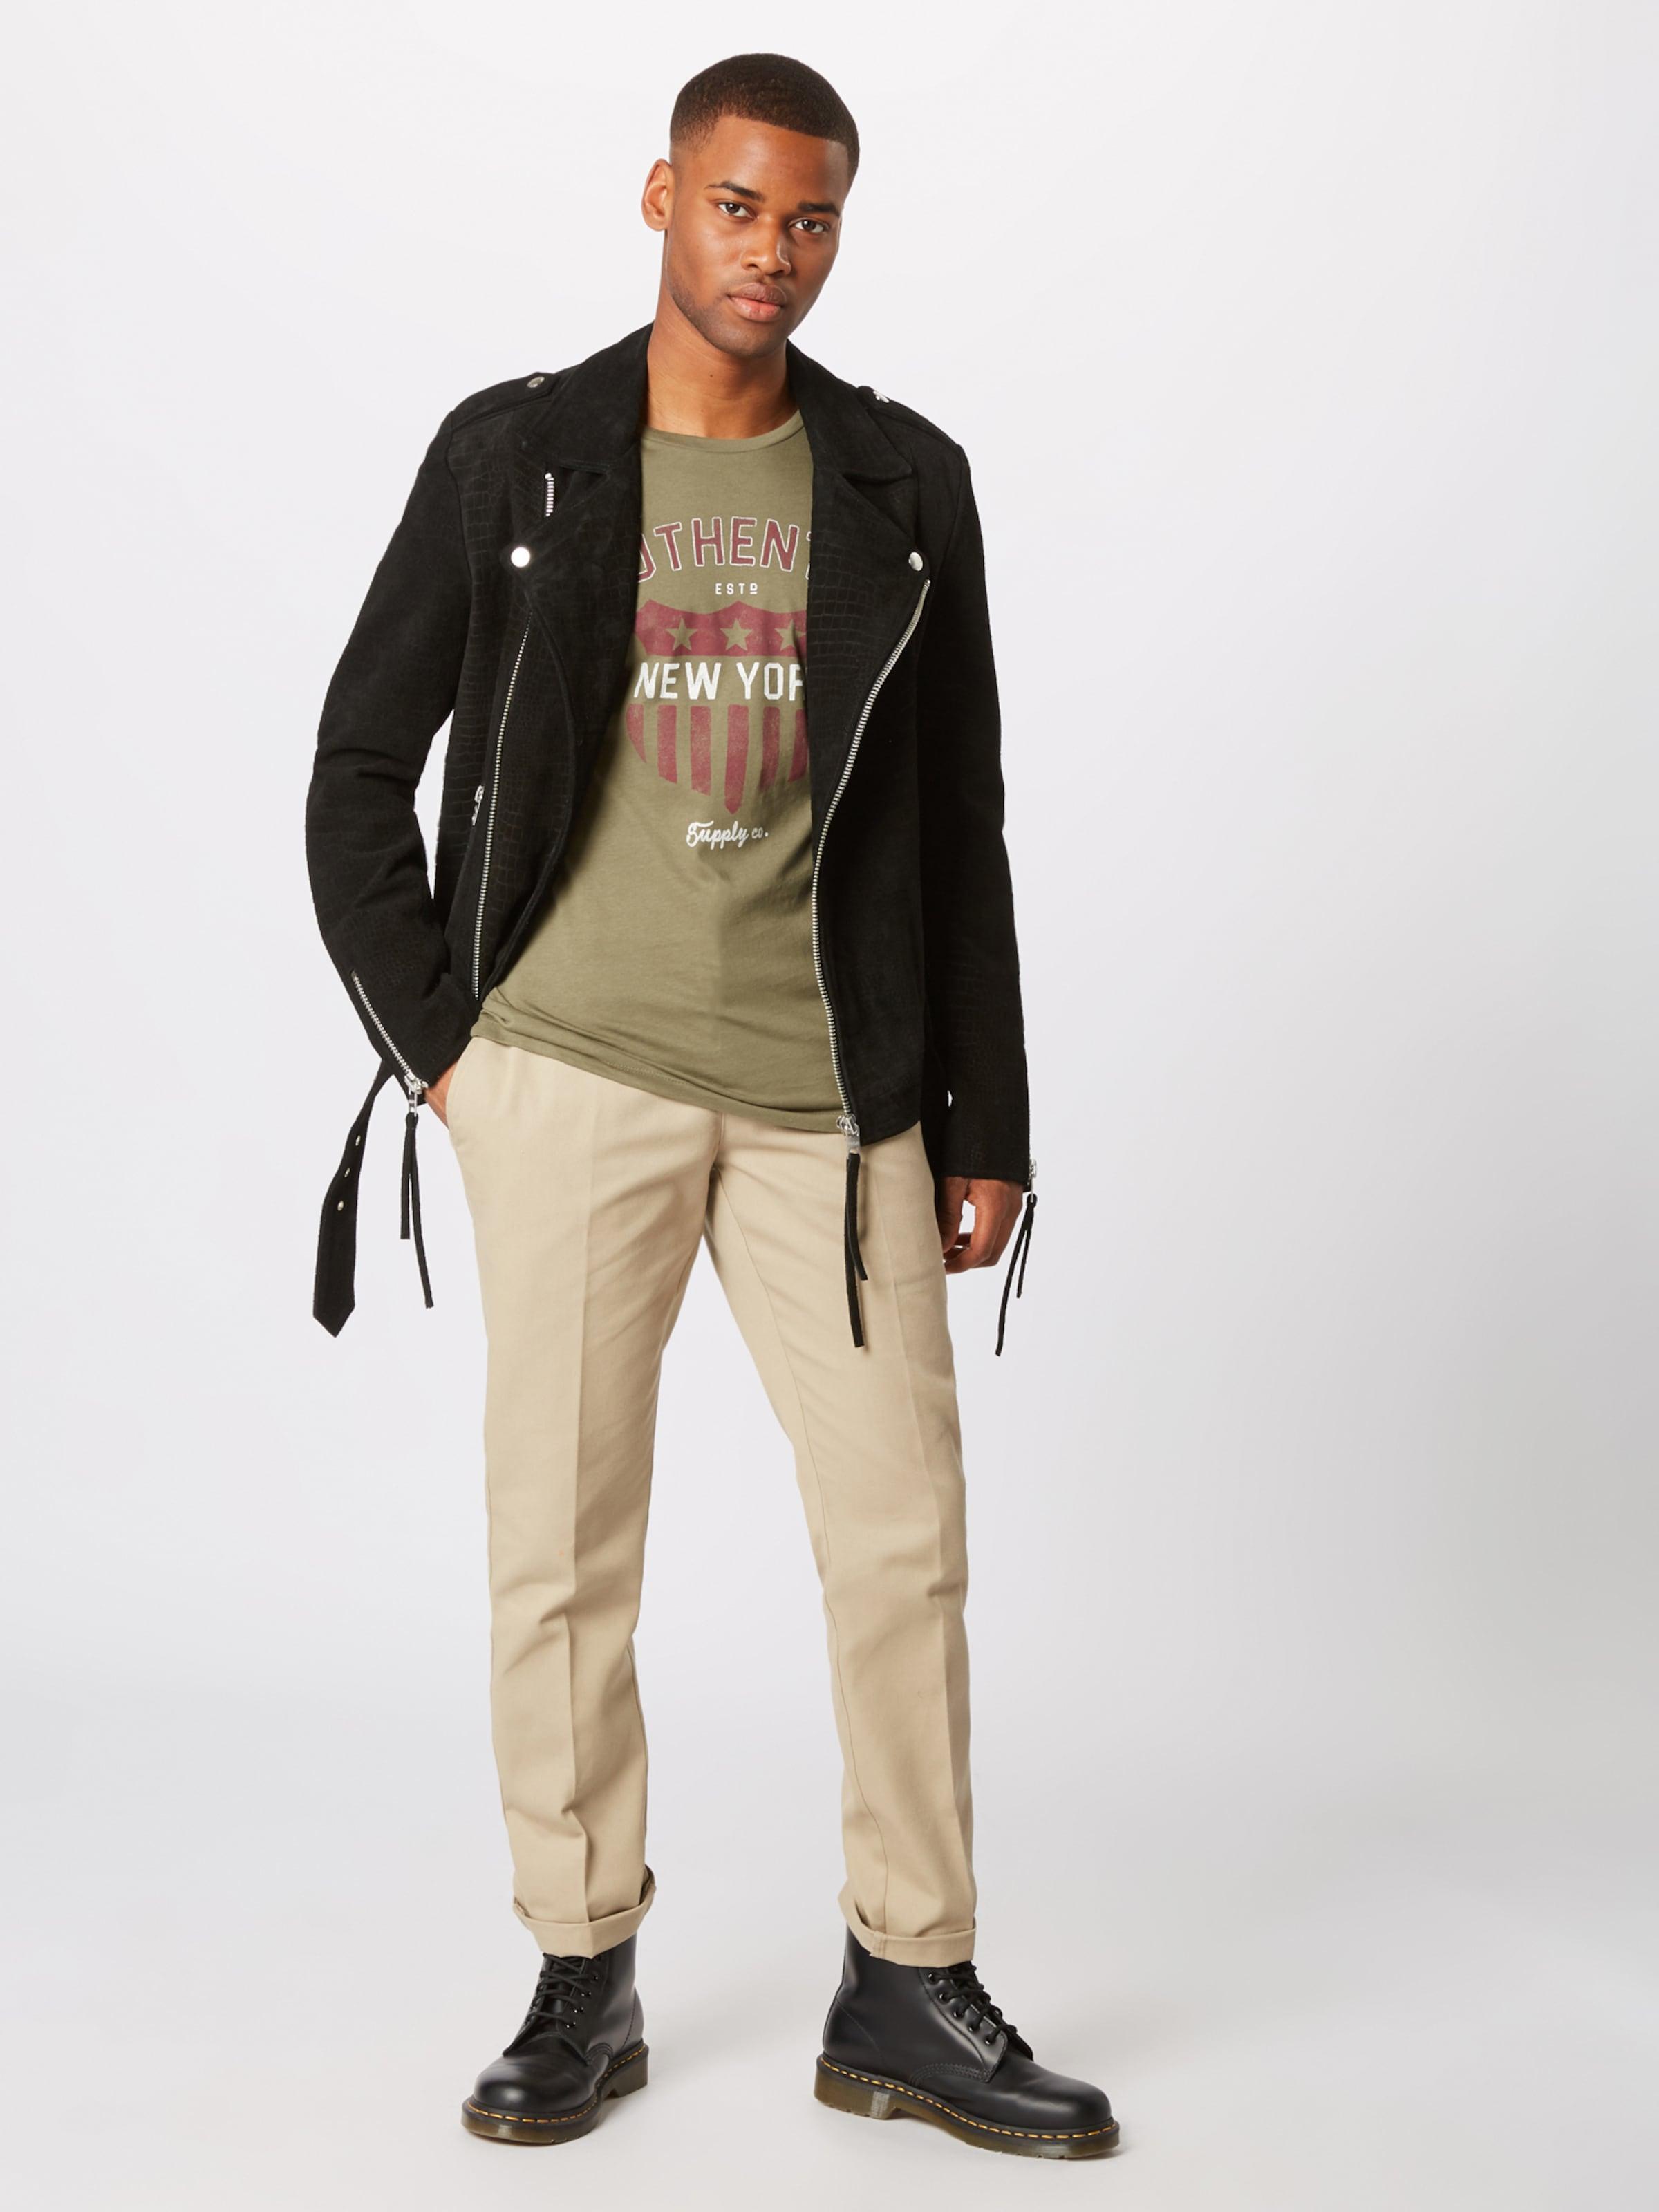 Ss Jackamp; De shirt Vin En Jones OliveLie Tee Blanc Neck' T 'jorresta Crew shCxBQrdto